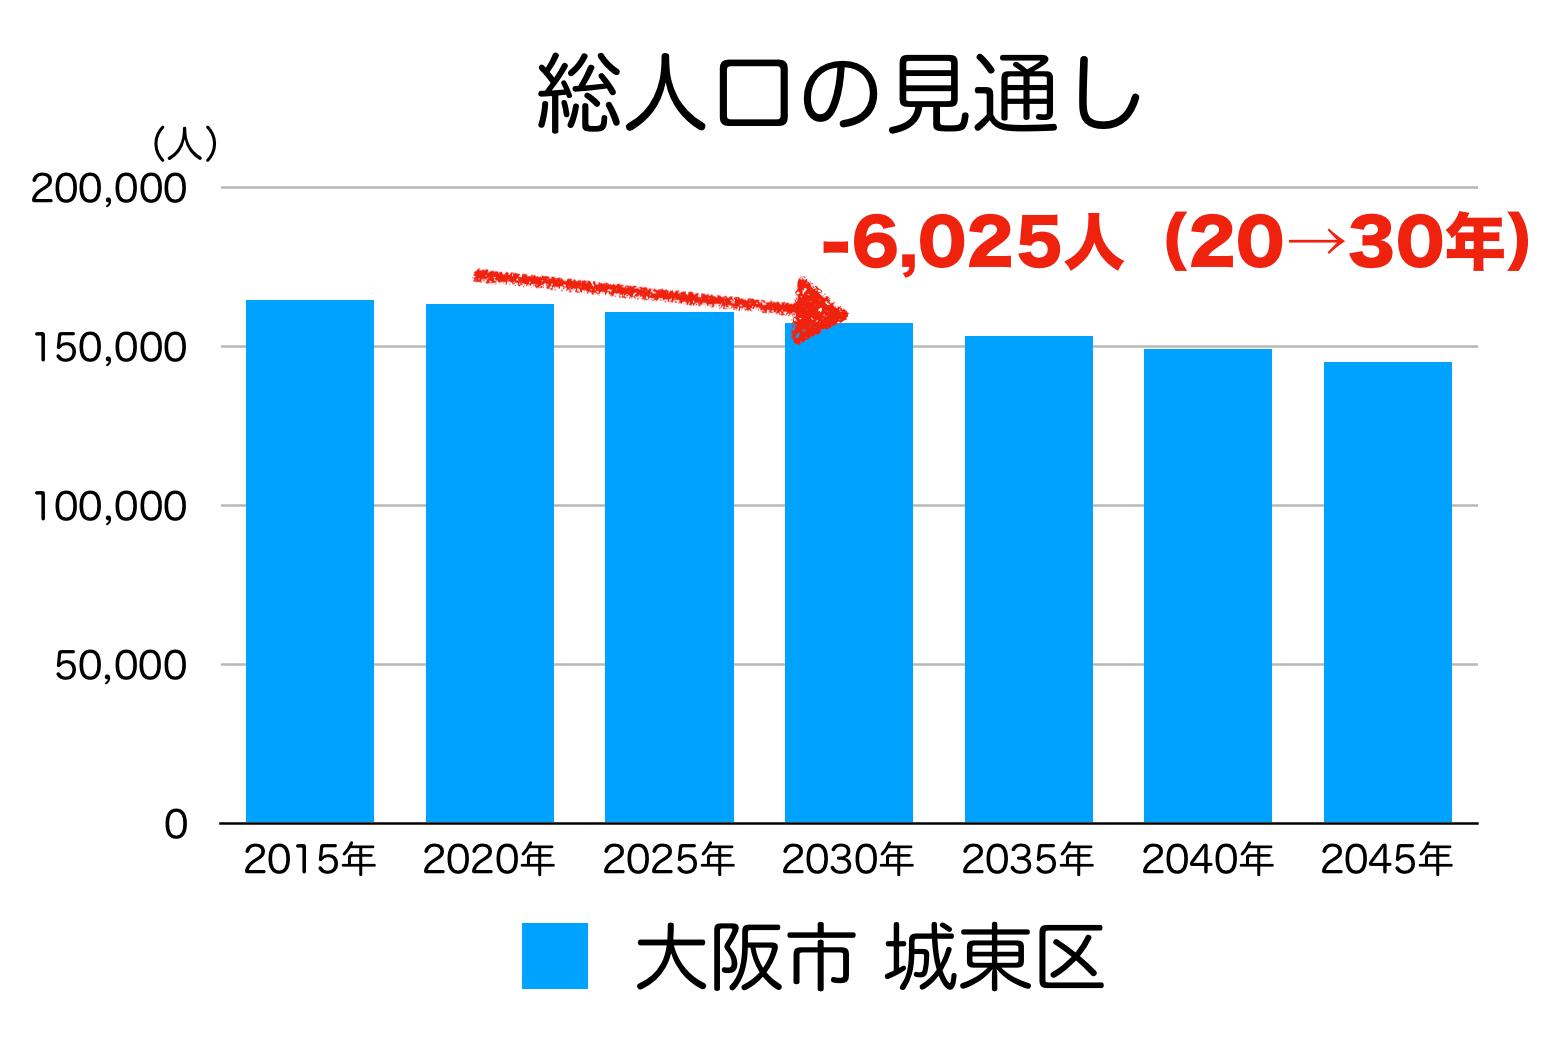 大阪市城東区の人口予測